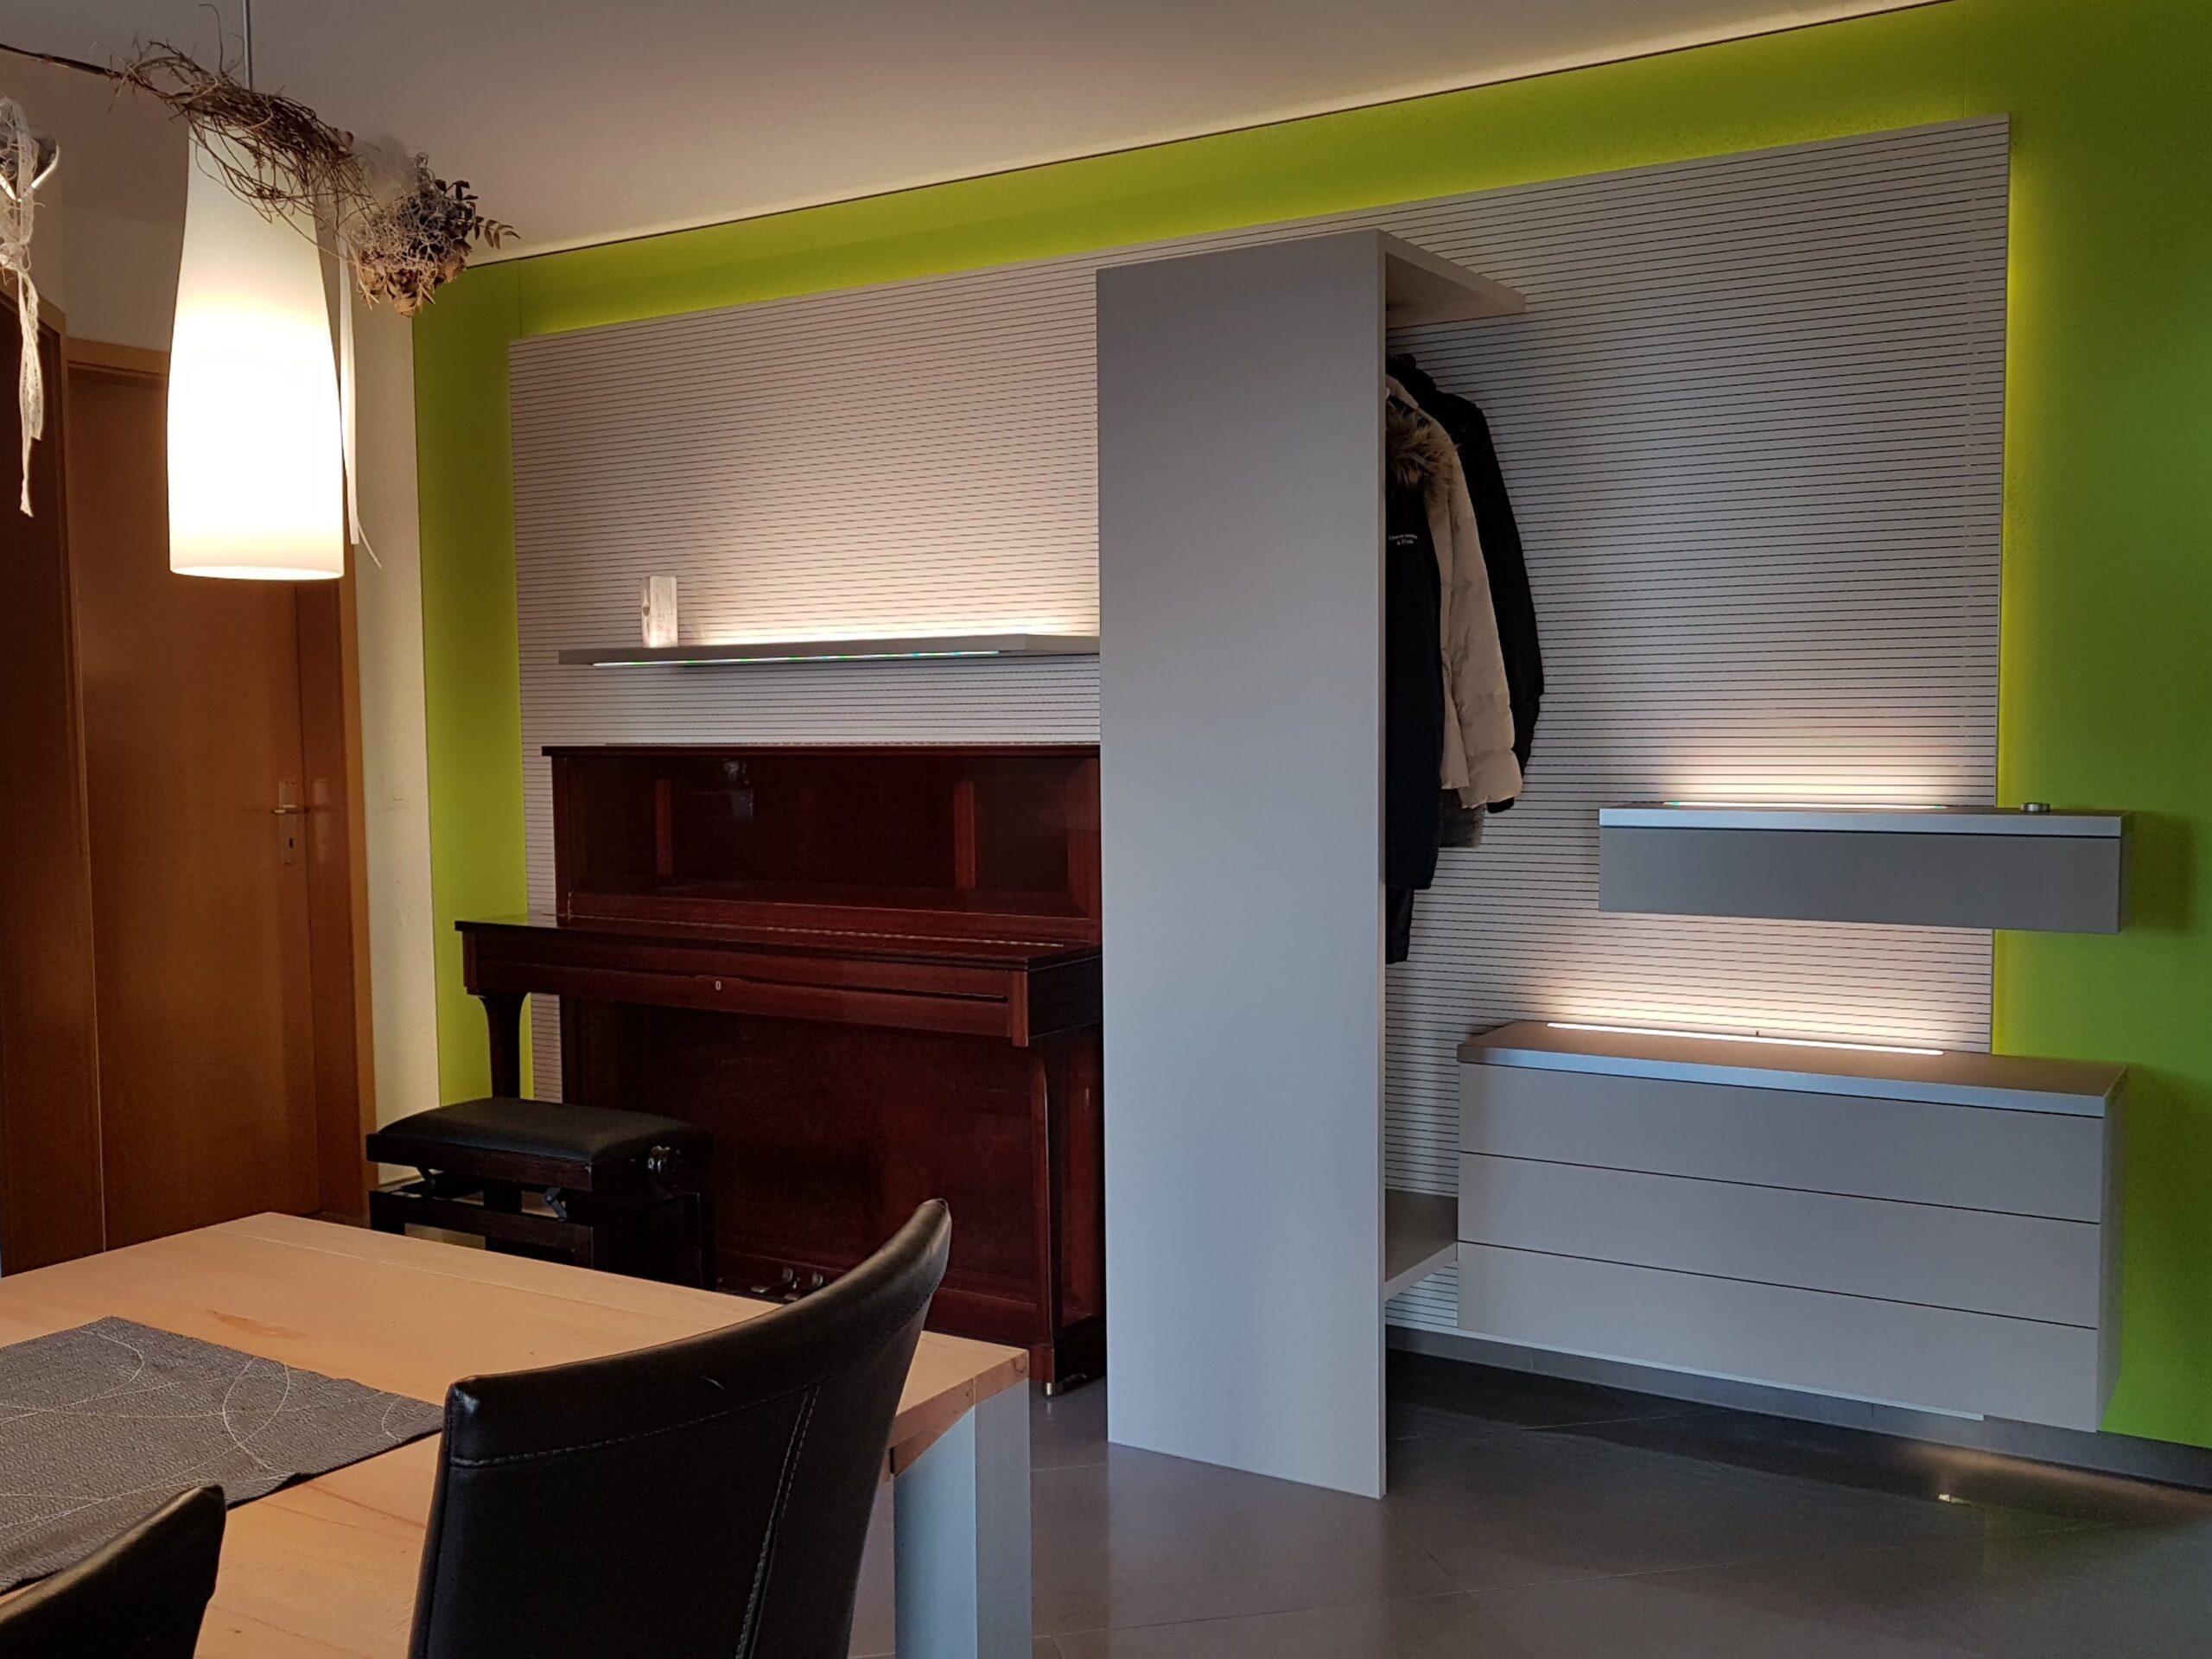 Wooddesign_Holzleuchten_LED-Beleuchtung_Licht_Indirekte Beleuchtung_Direkte Beleuchtung_Holzdesign (13)-min